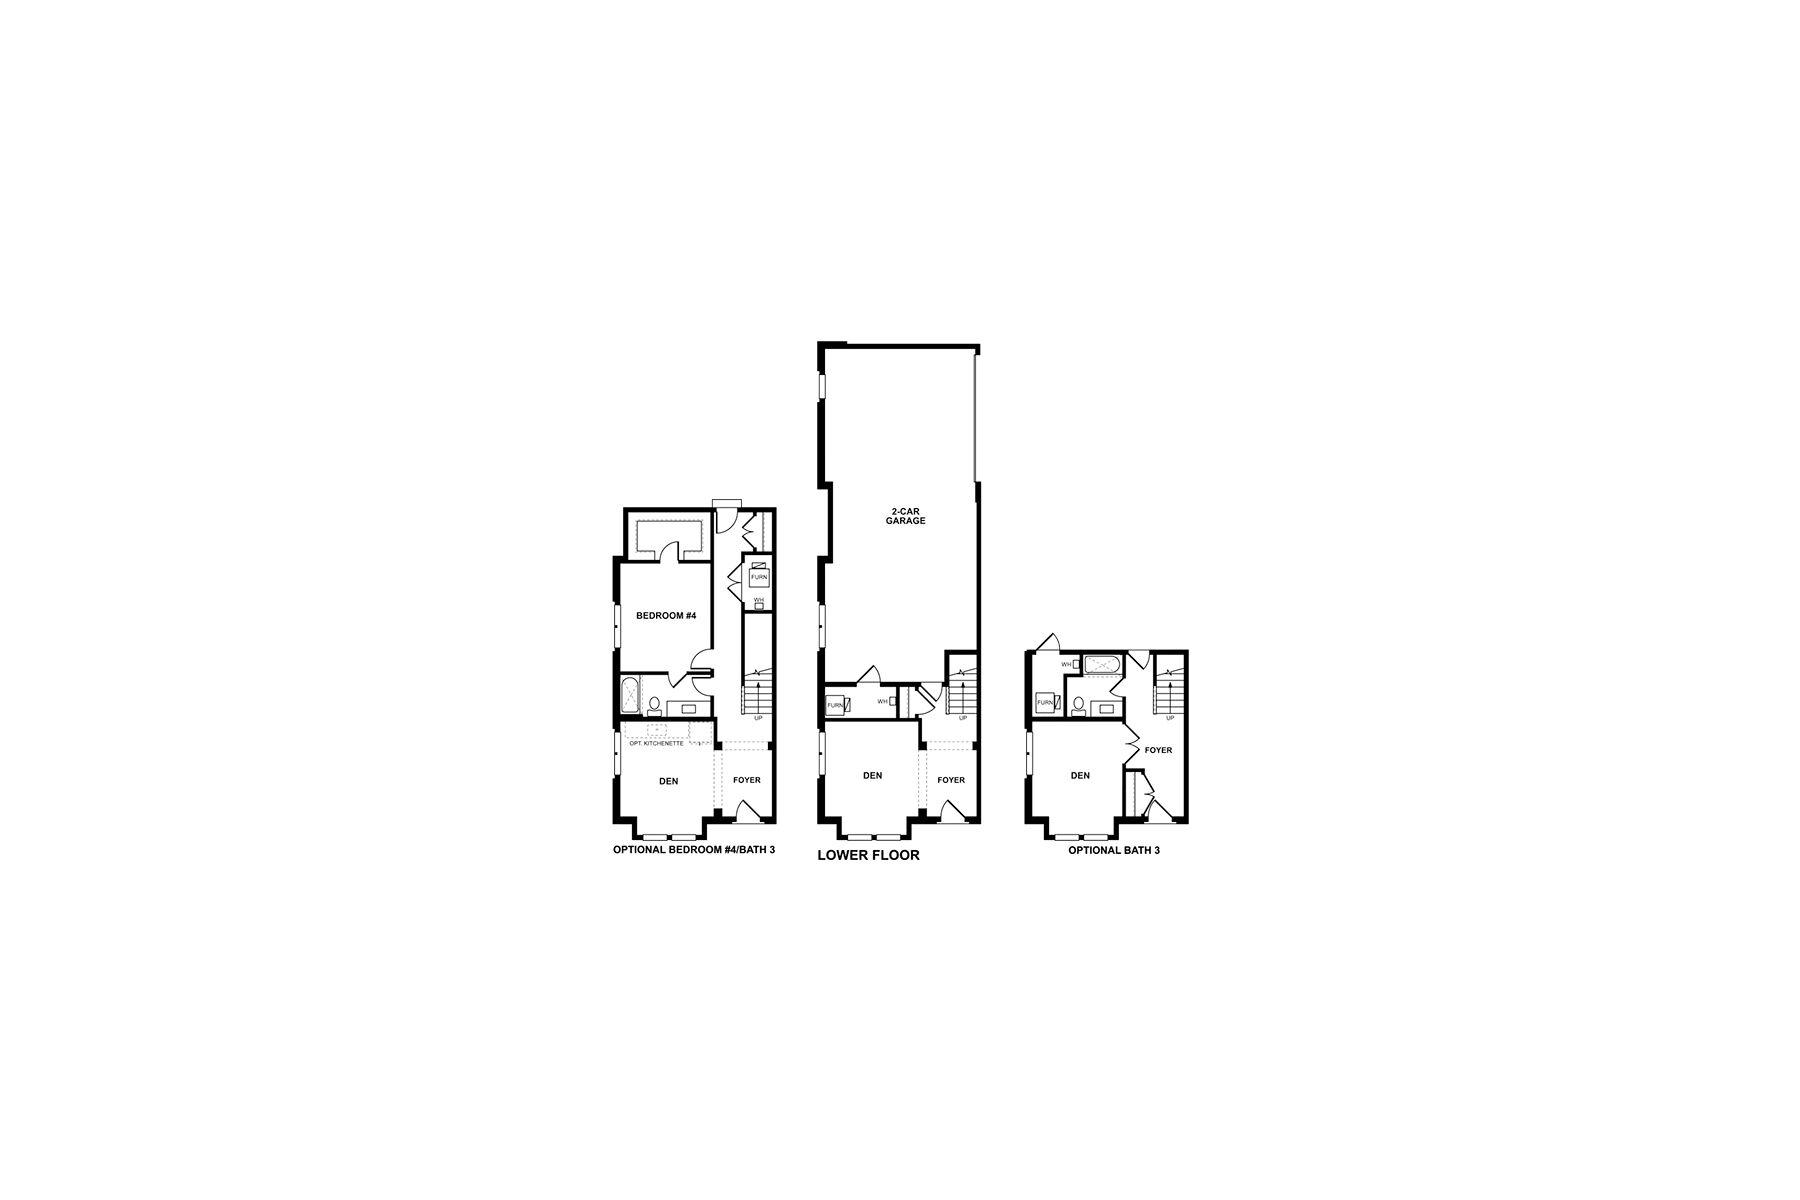 Residence D Lower Level